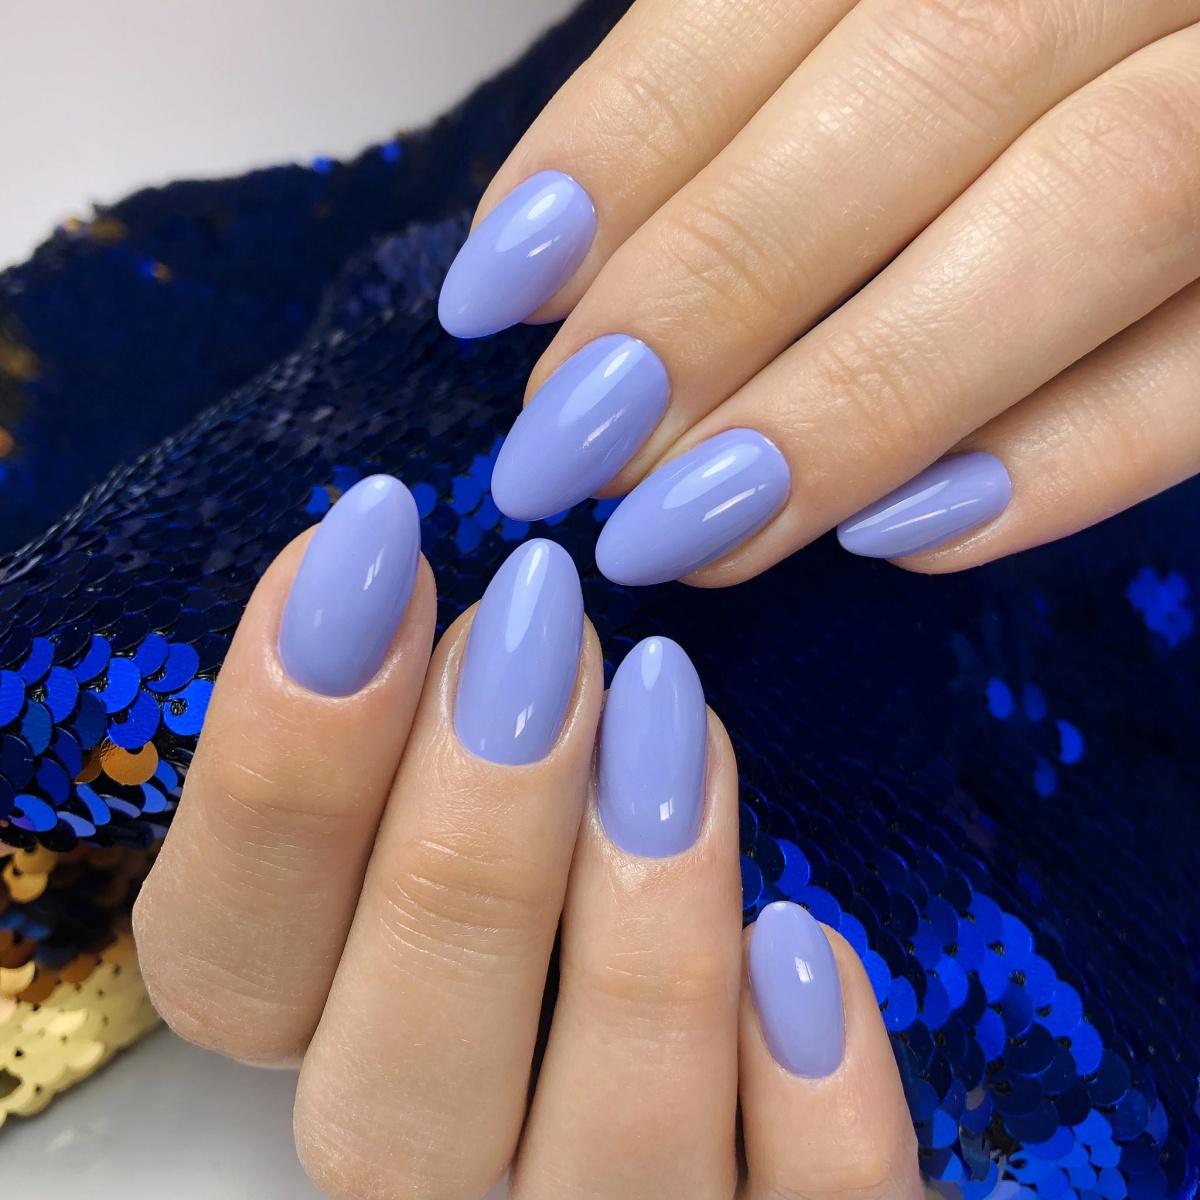 Deep Gel Manicure – kolor pod skórki (analiza komparatywna z manicure kombinowanym)